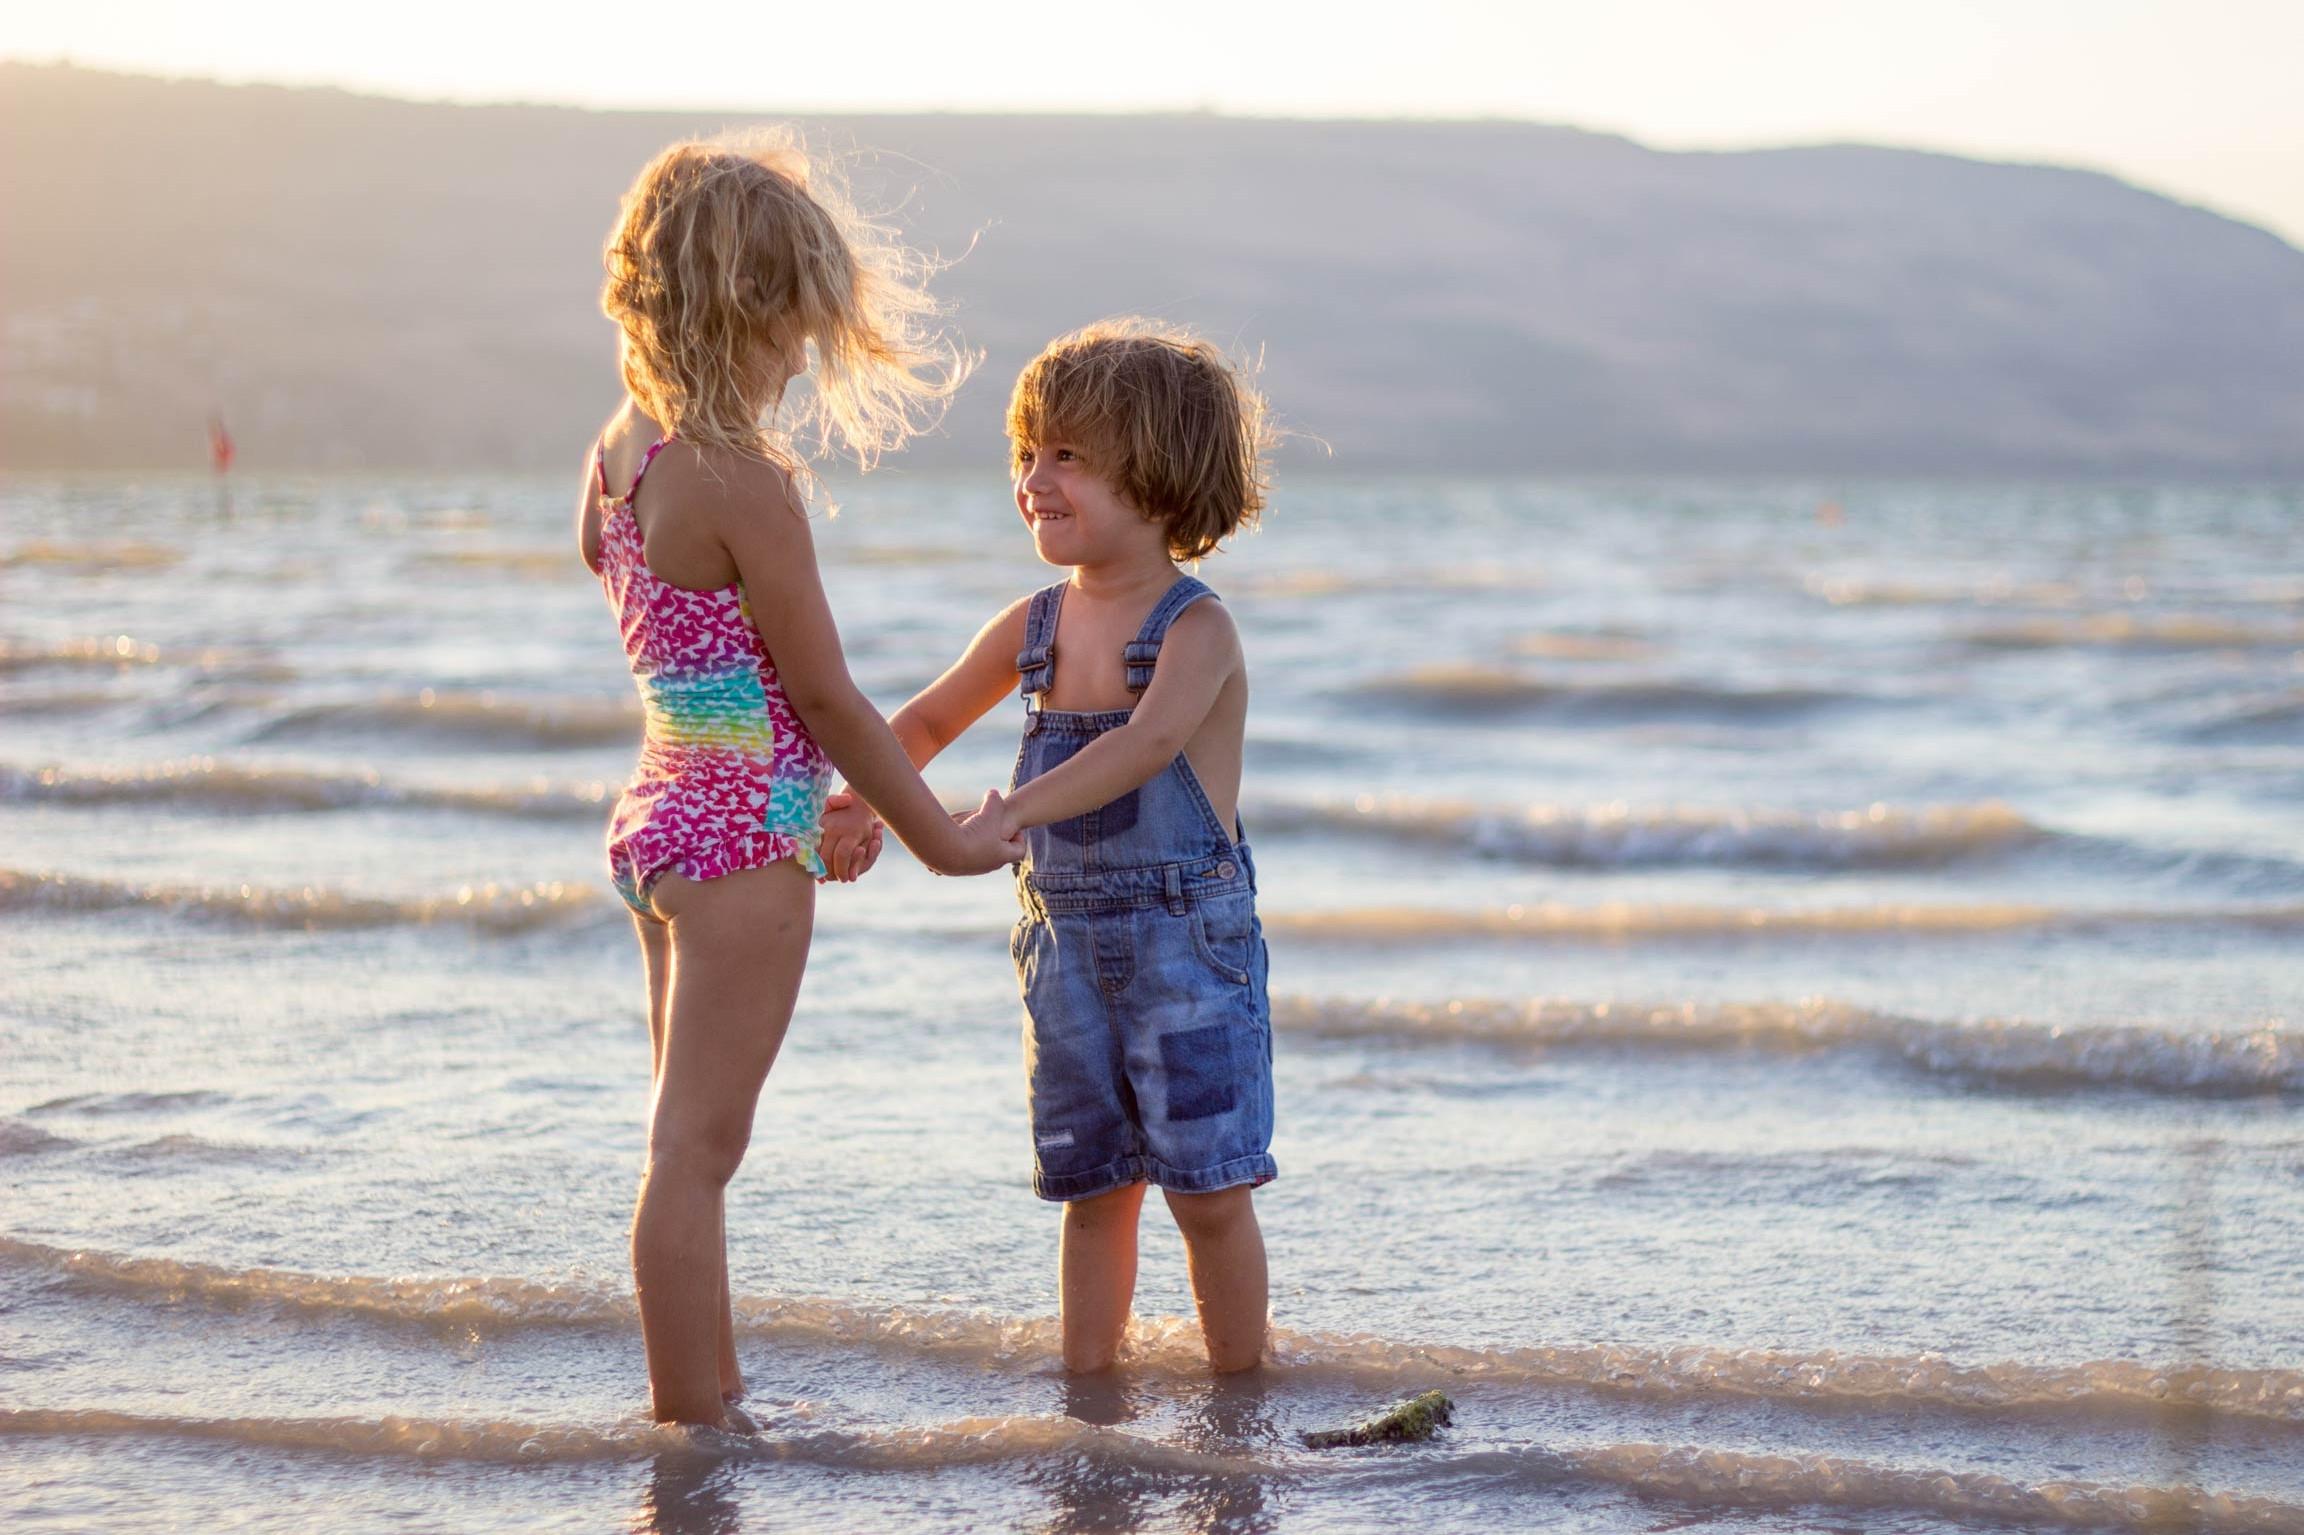 Zwei Kinder am Strand, halten sich an den Händen